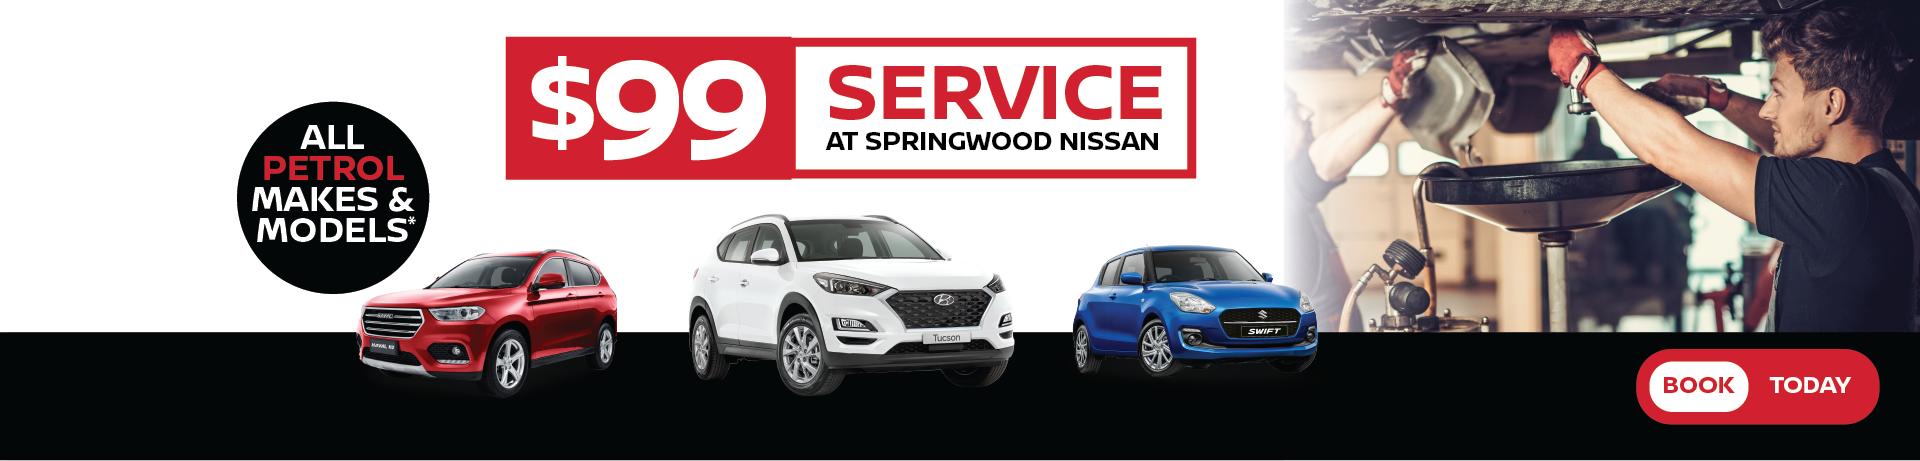 $99 Service at Springwood Nissan